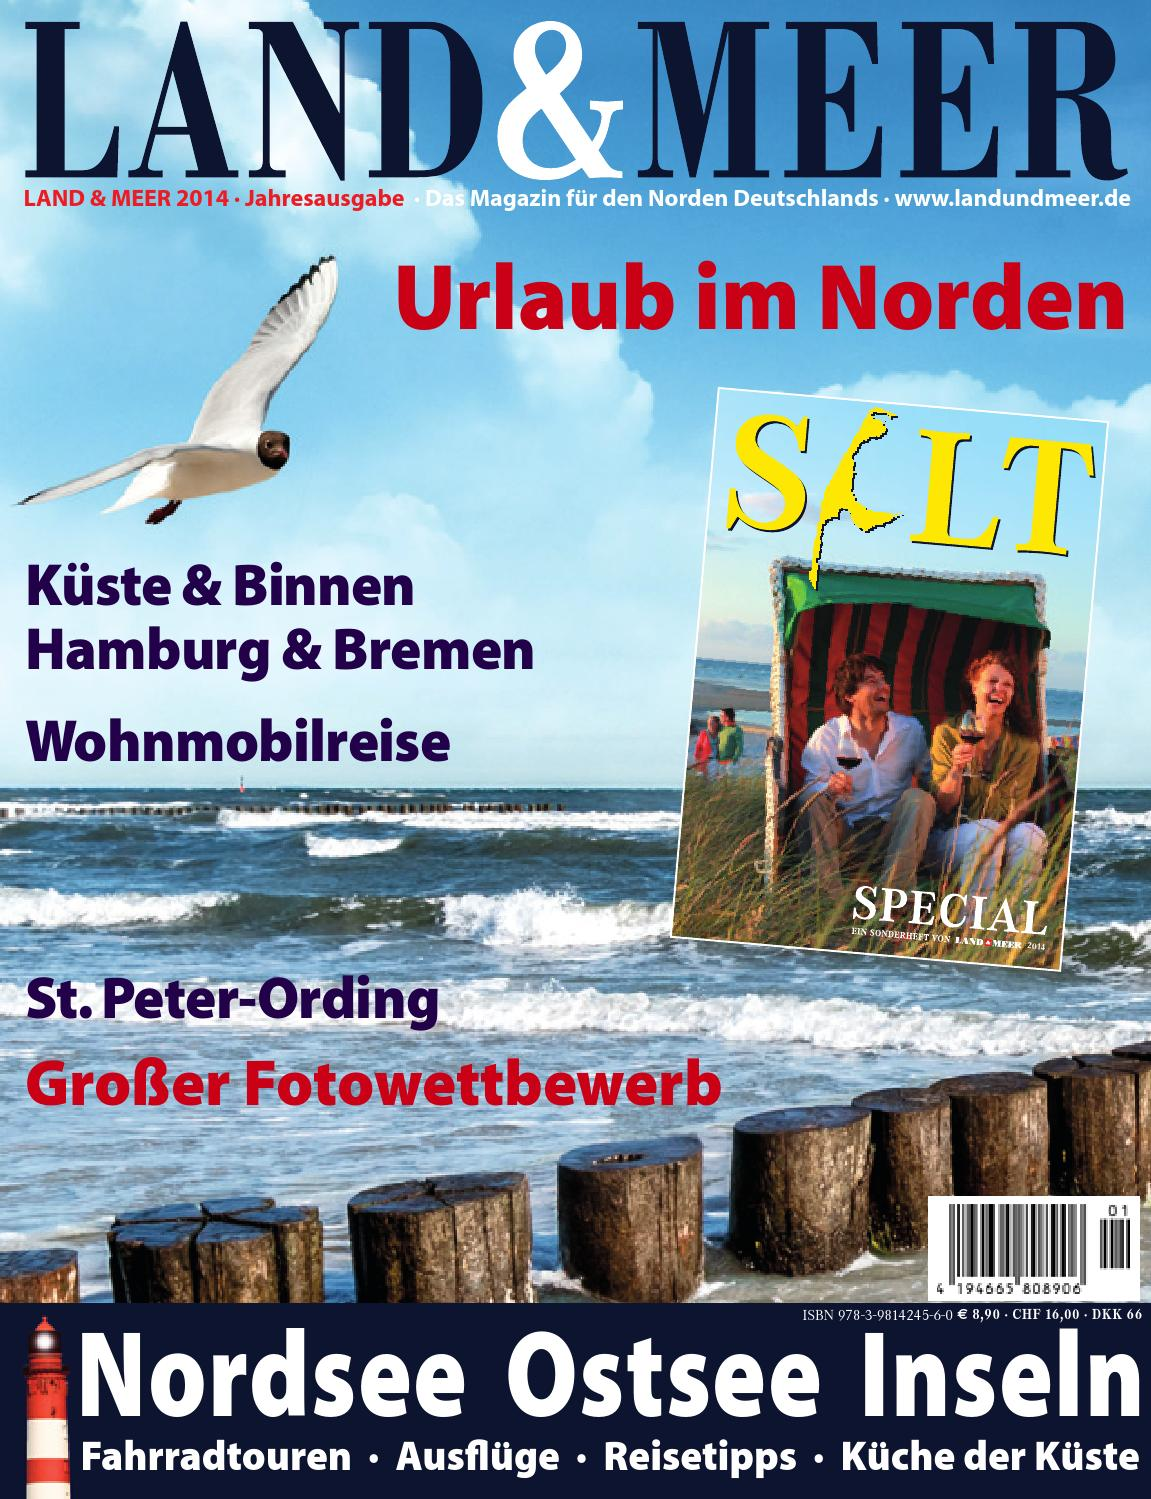 LAND & MEER 2014 by LAND & MEER Verlags GmbH - issuu